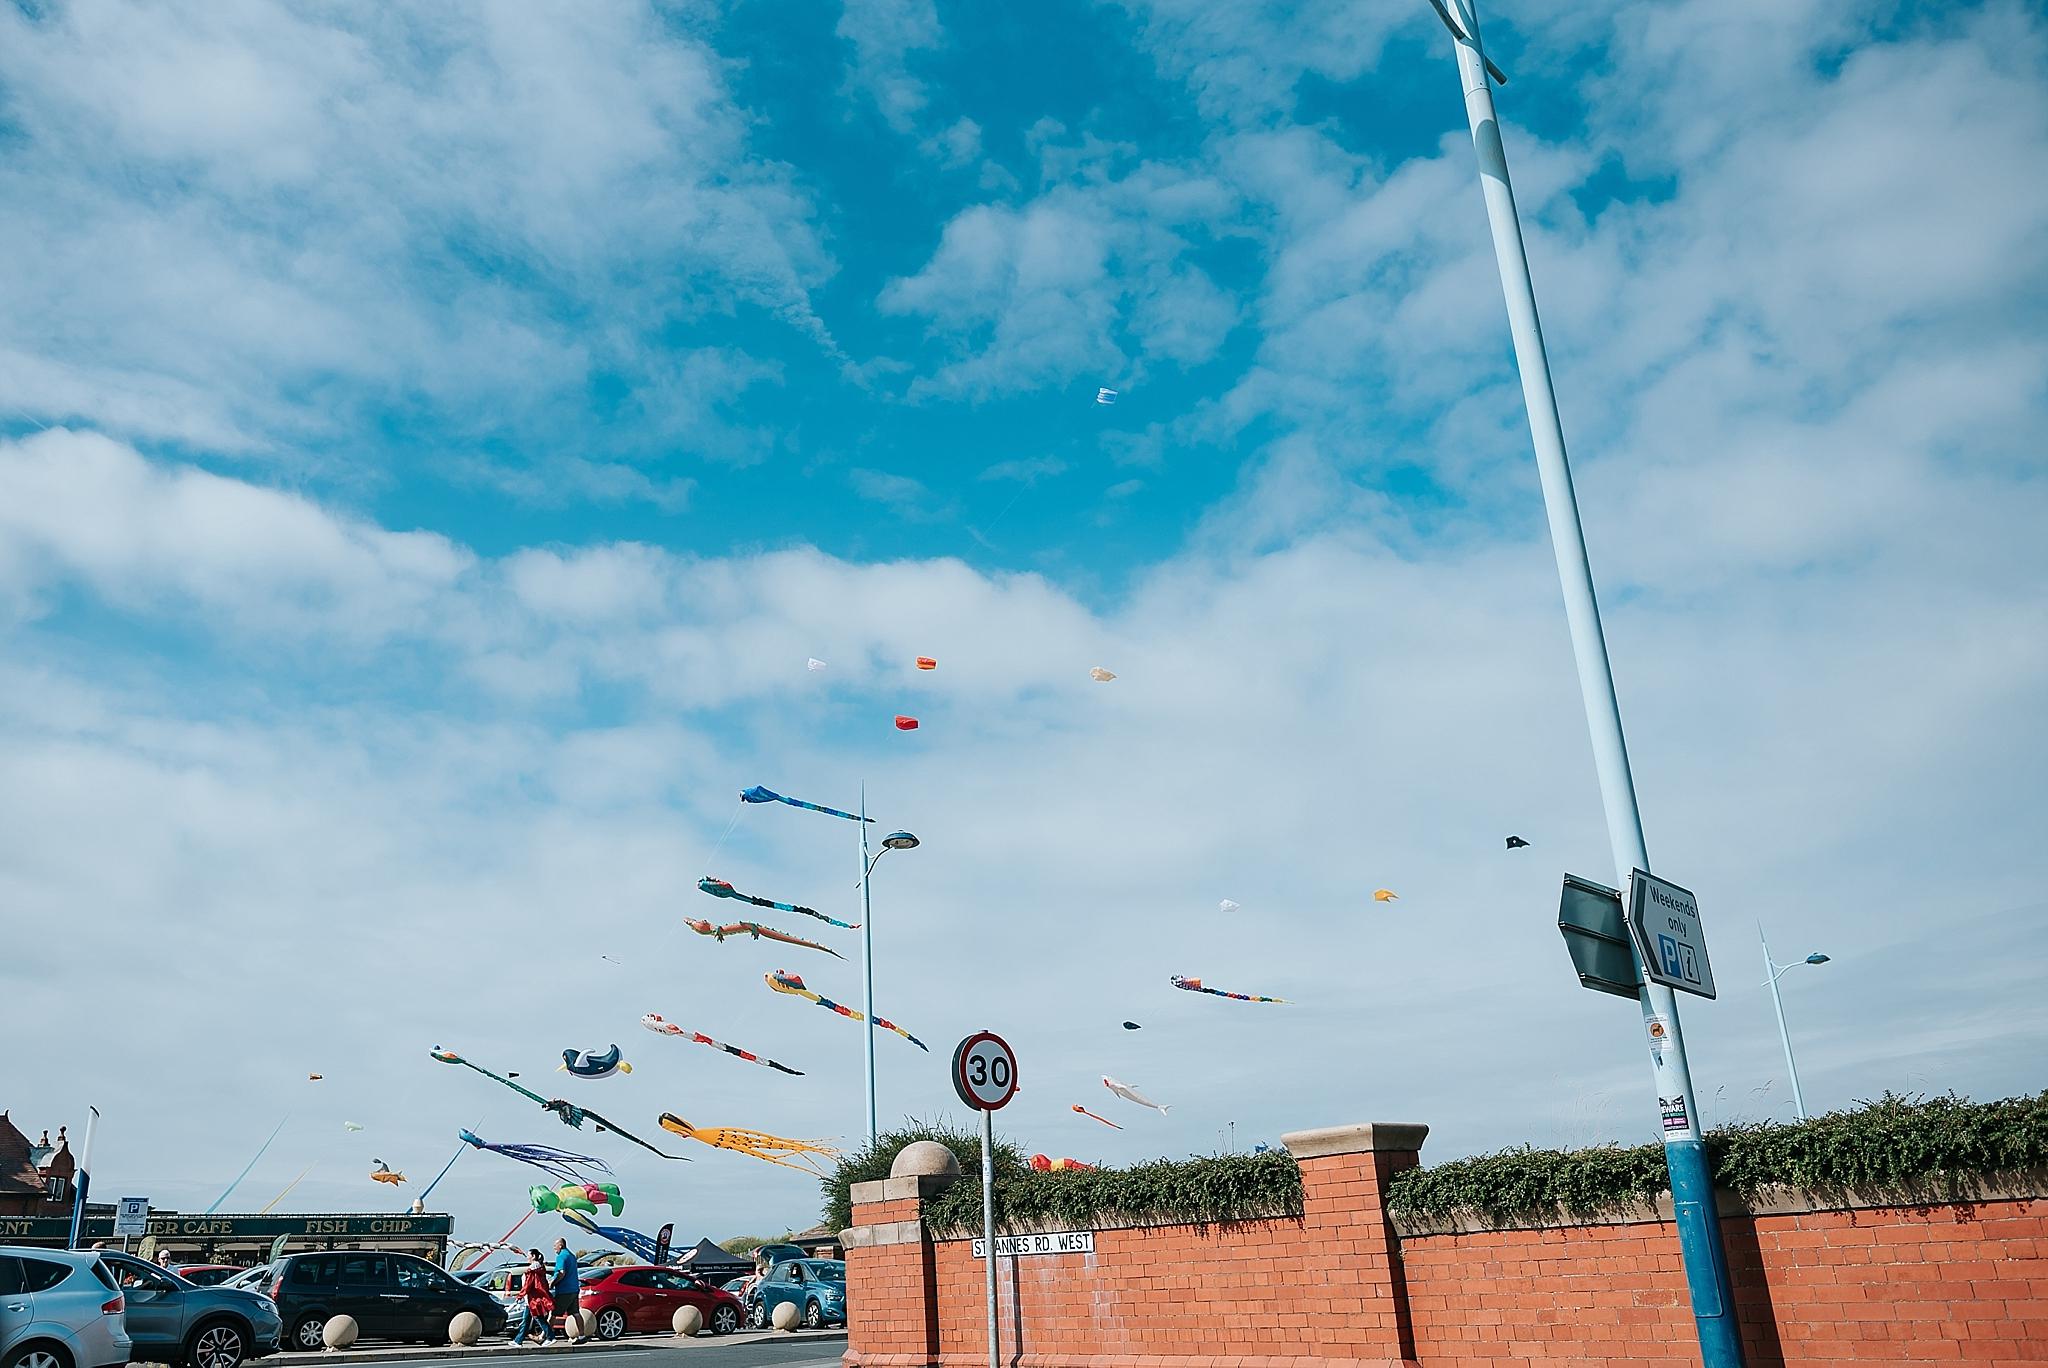 kite festival in st annes